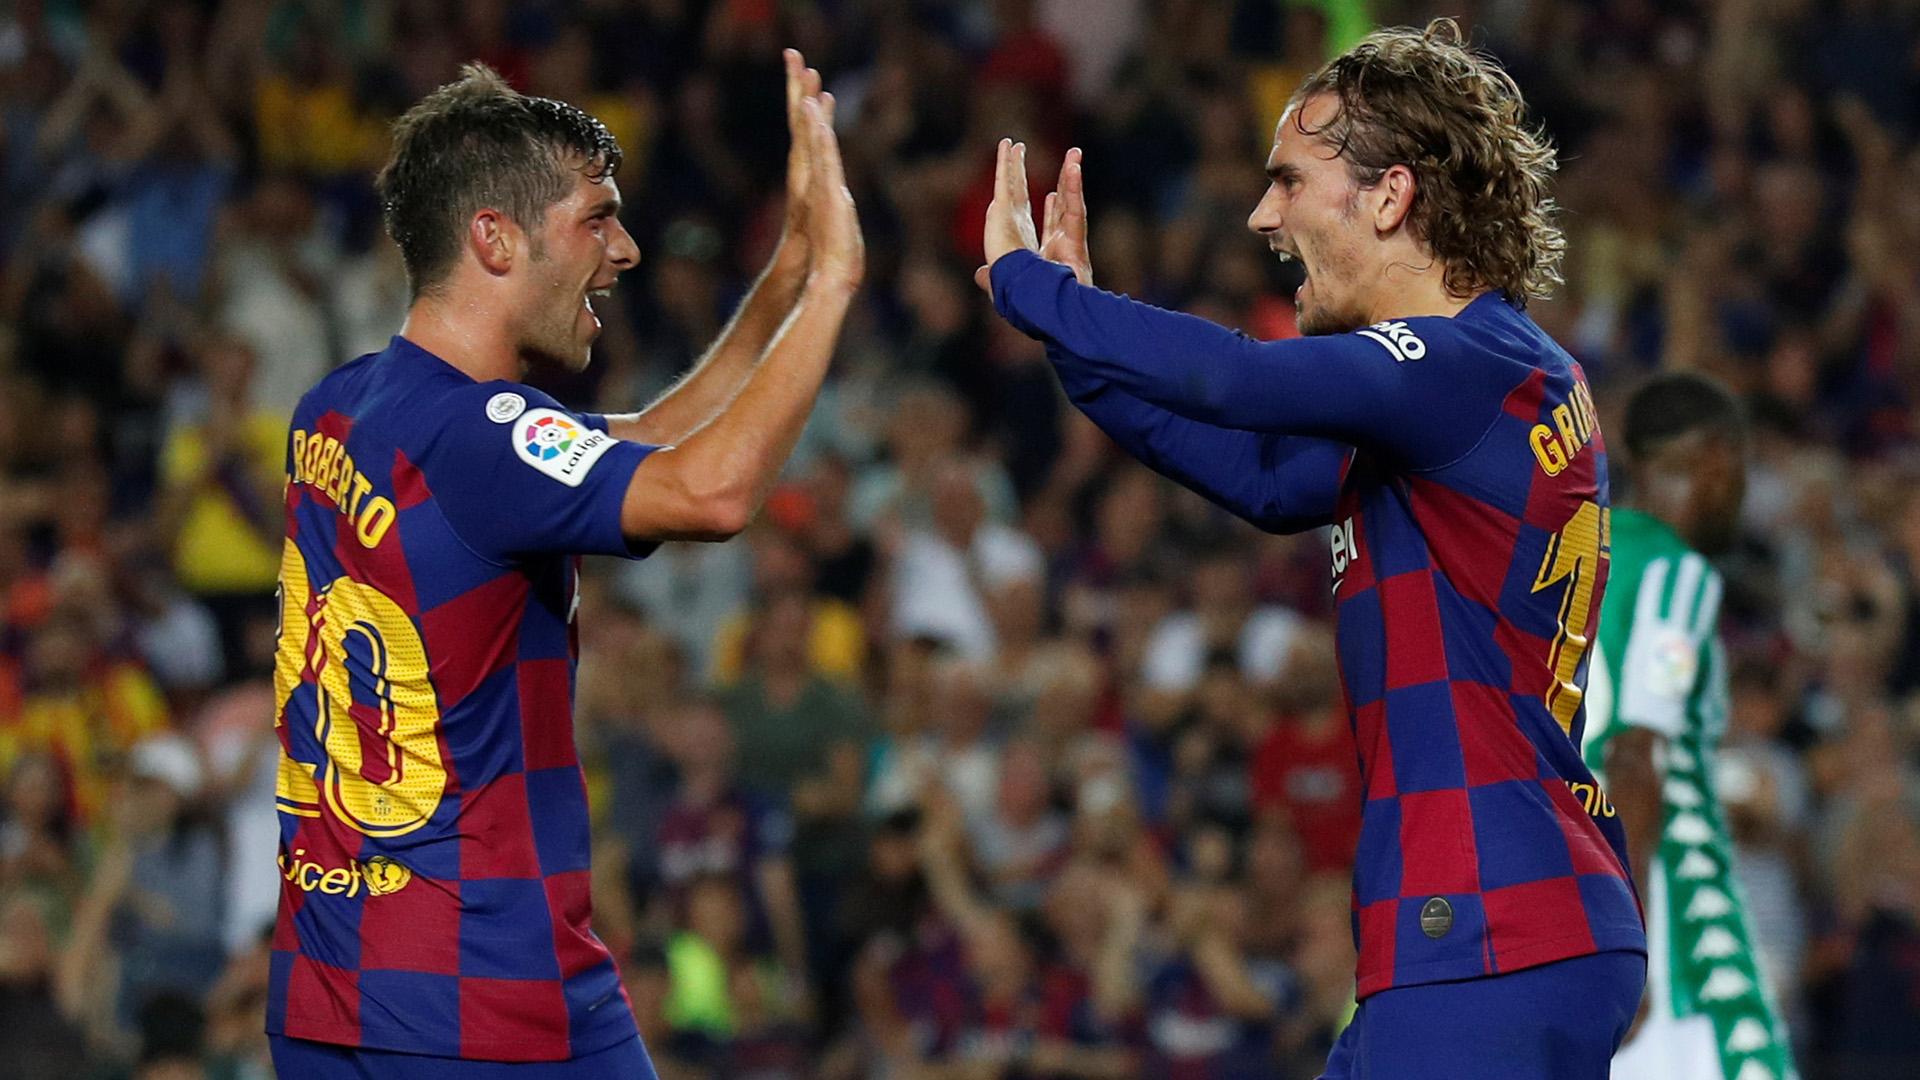 Sevilla y Atlético comanda la clasificación tras una jornada en la que el Madrid tropezó en casa y el Barça volvió a la senda del triunfo tras arrollar al Betis con un gran Griezmann